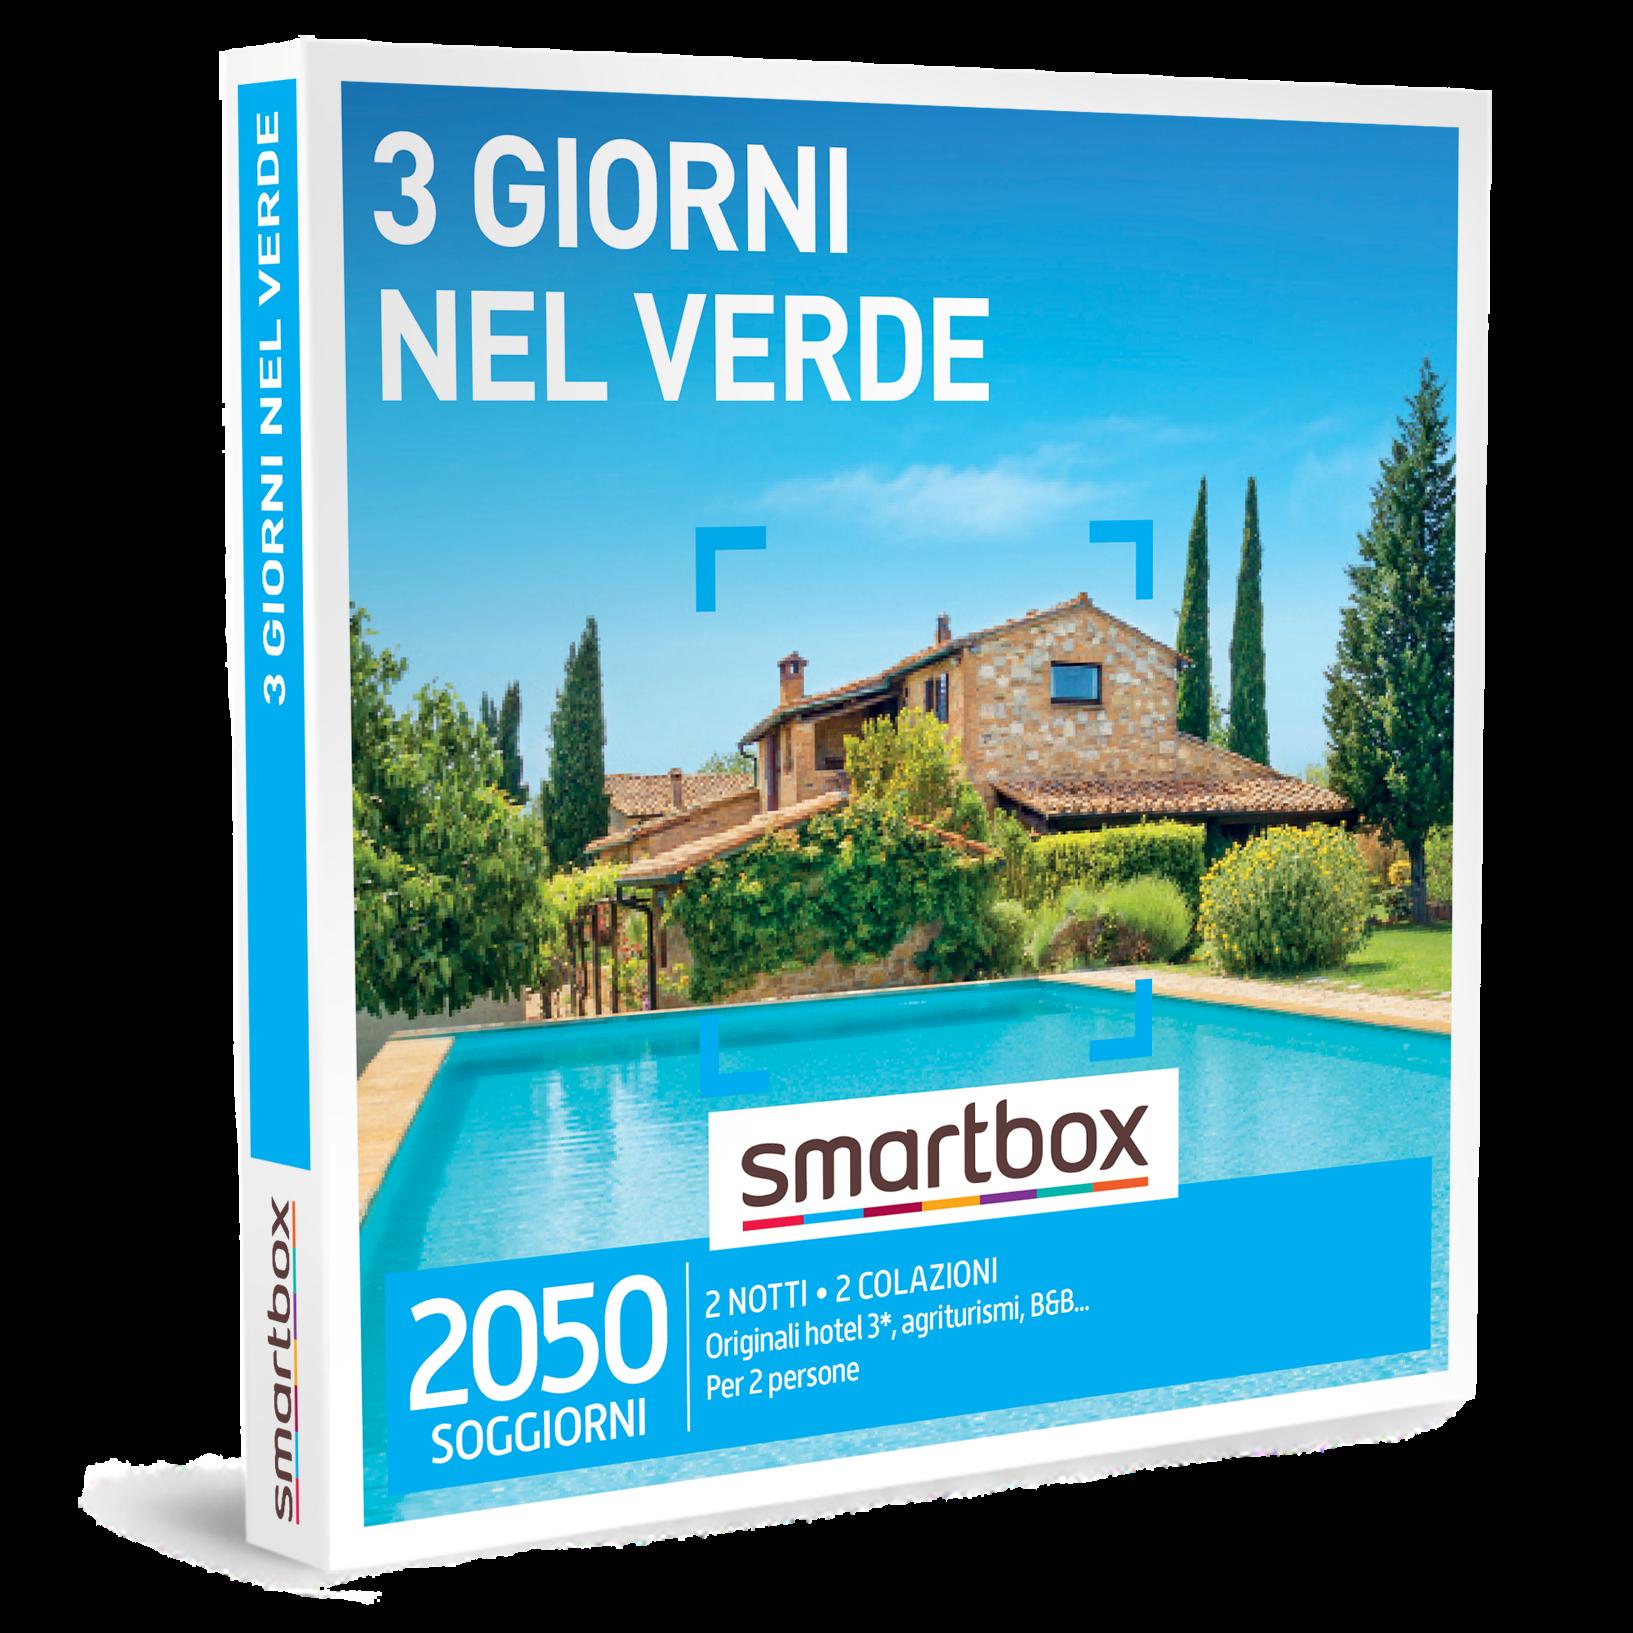 Smartbox e-box 3 Giorni nel Verde